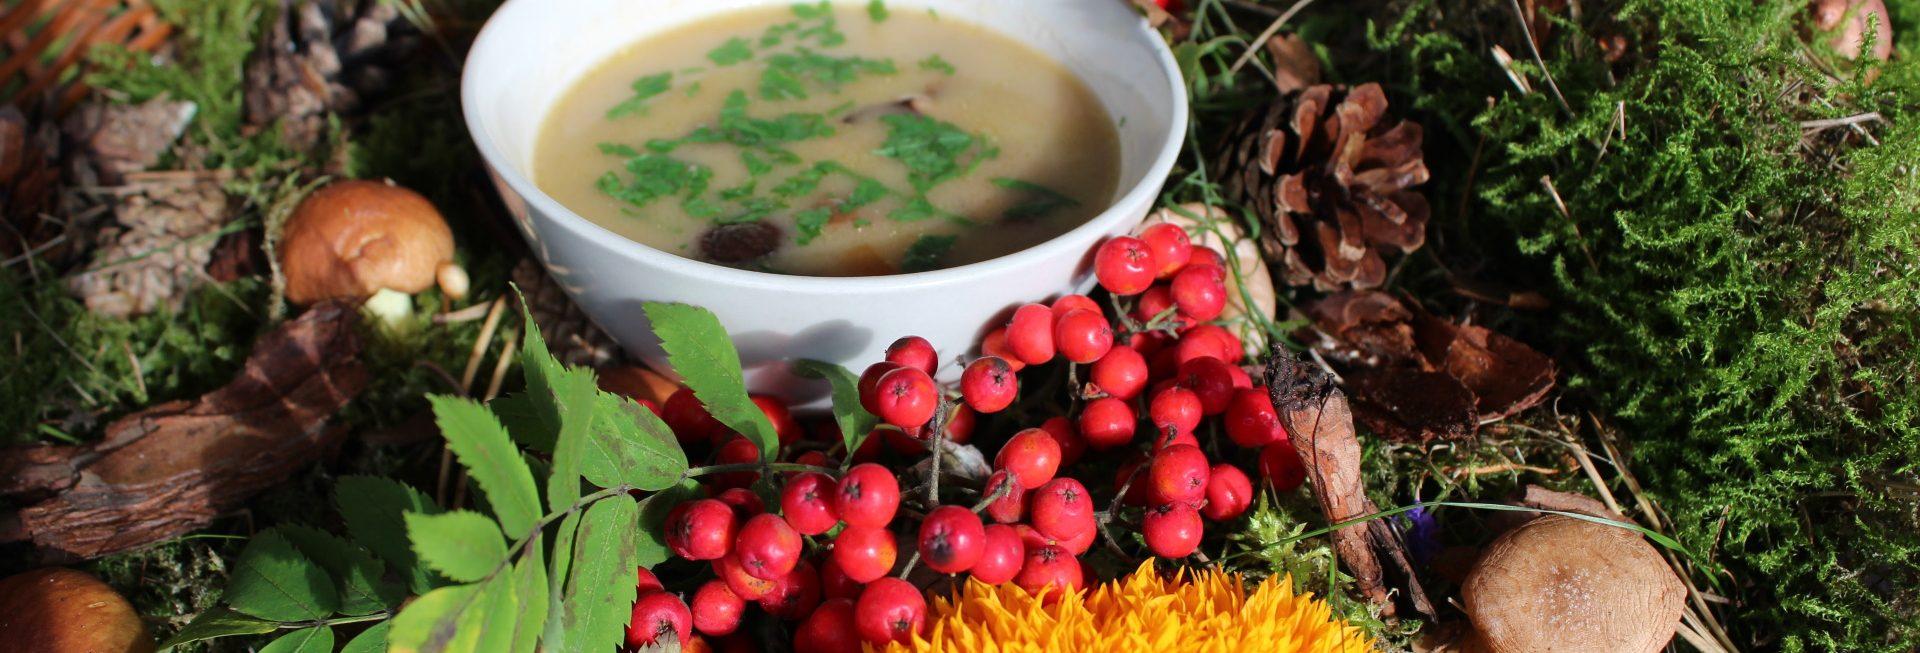 Na zdjęciu wiklinowy koszyk w którym znajdują się owoce runa leśnego - grzyby, jagody. W środku koszyka mały talerz z żurkiem.